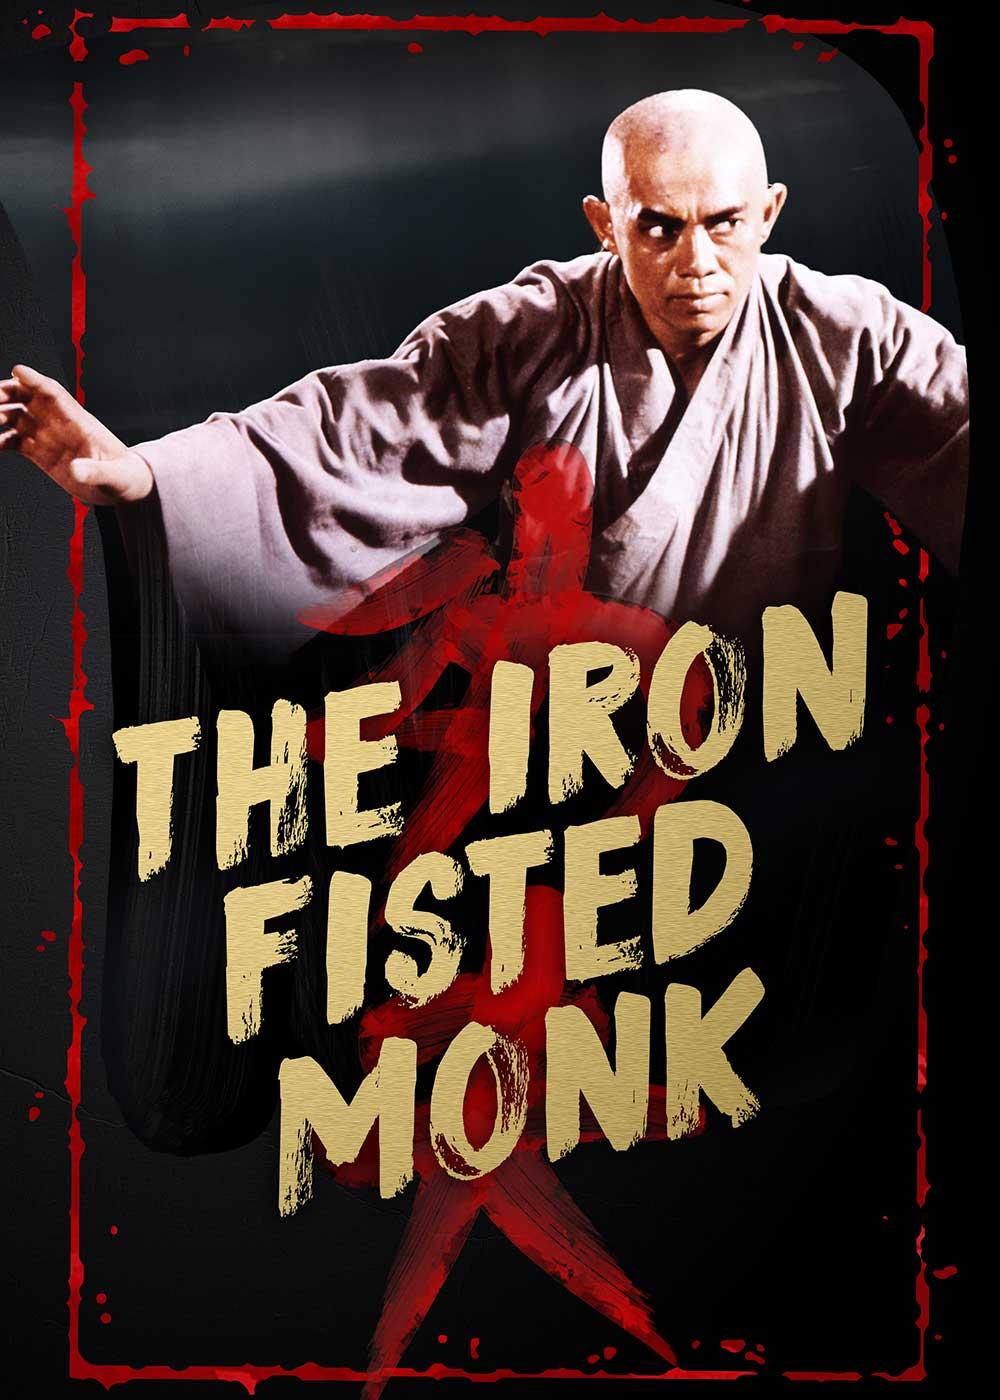 IronFistedMonk_poster.jpg